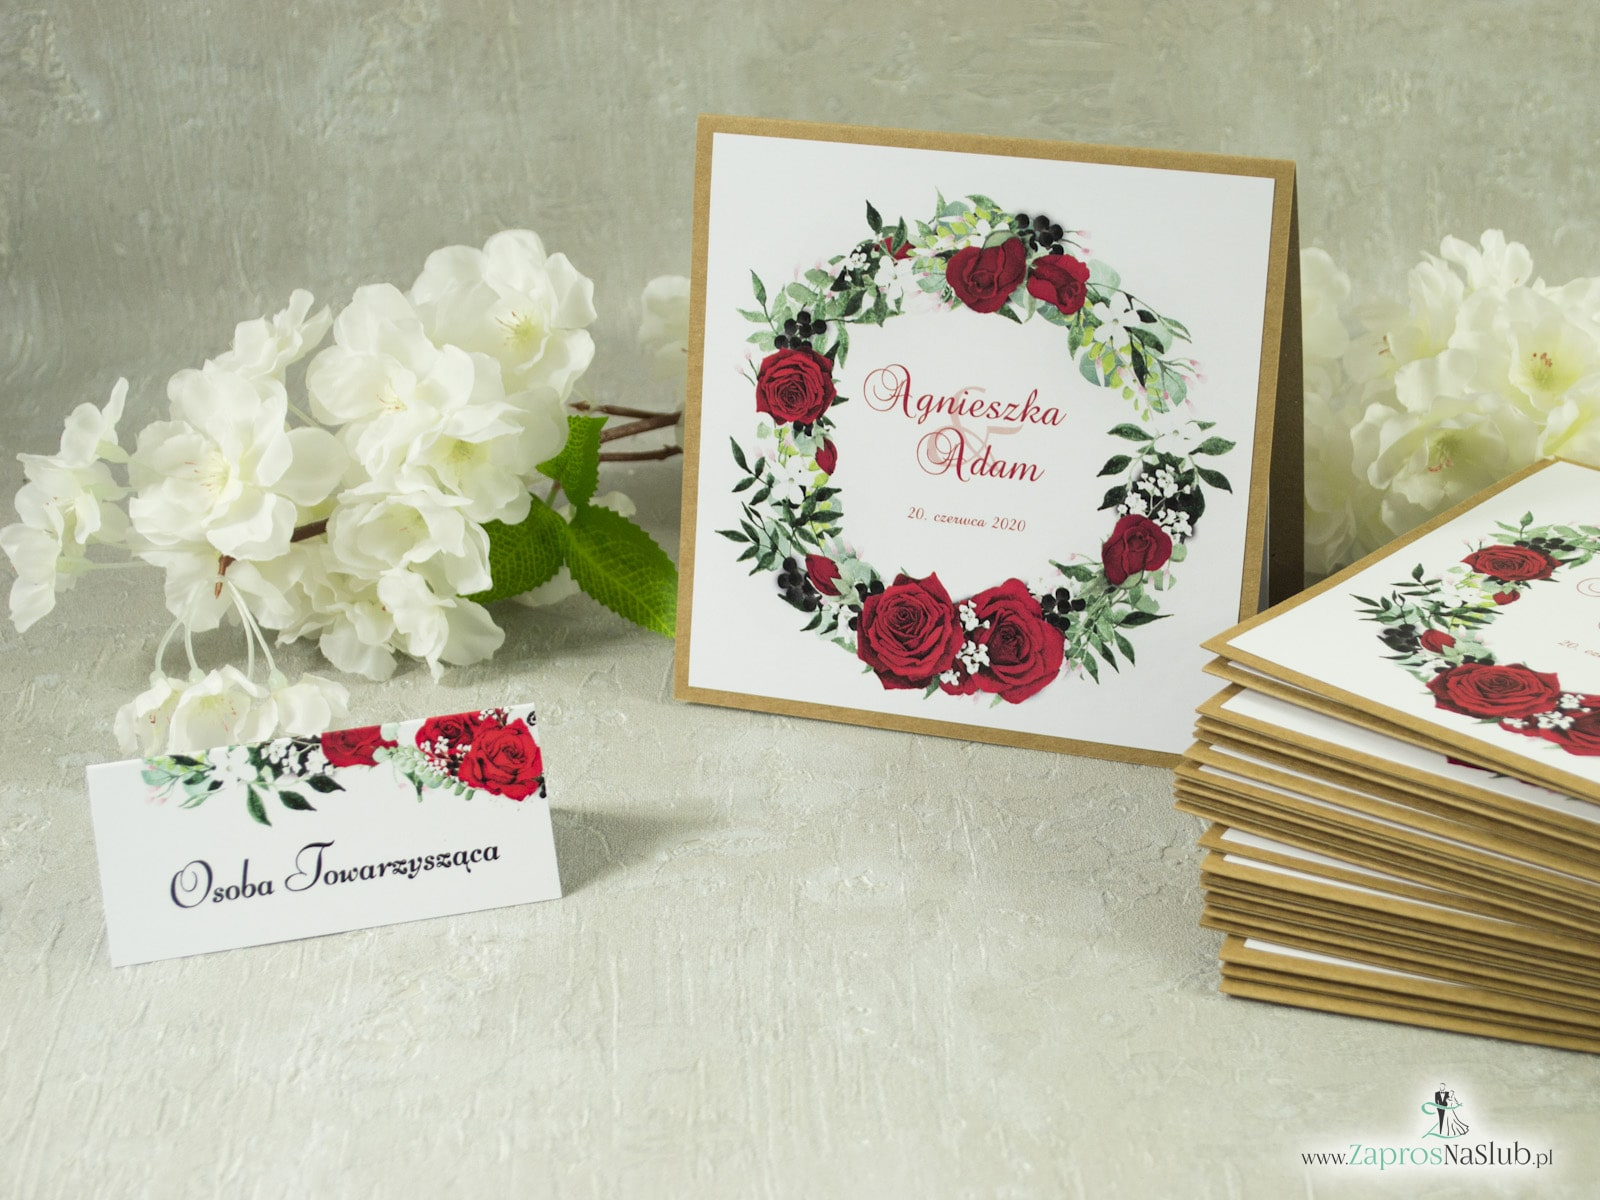 Kwiatowe zaproszenia ślubne eko z wiankiem, sznurkiem jutowym i wklejanym wnętrzem. Czerwone róże, zielone liście i białe maki. ZAP-38-01